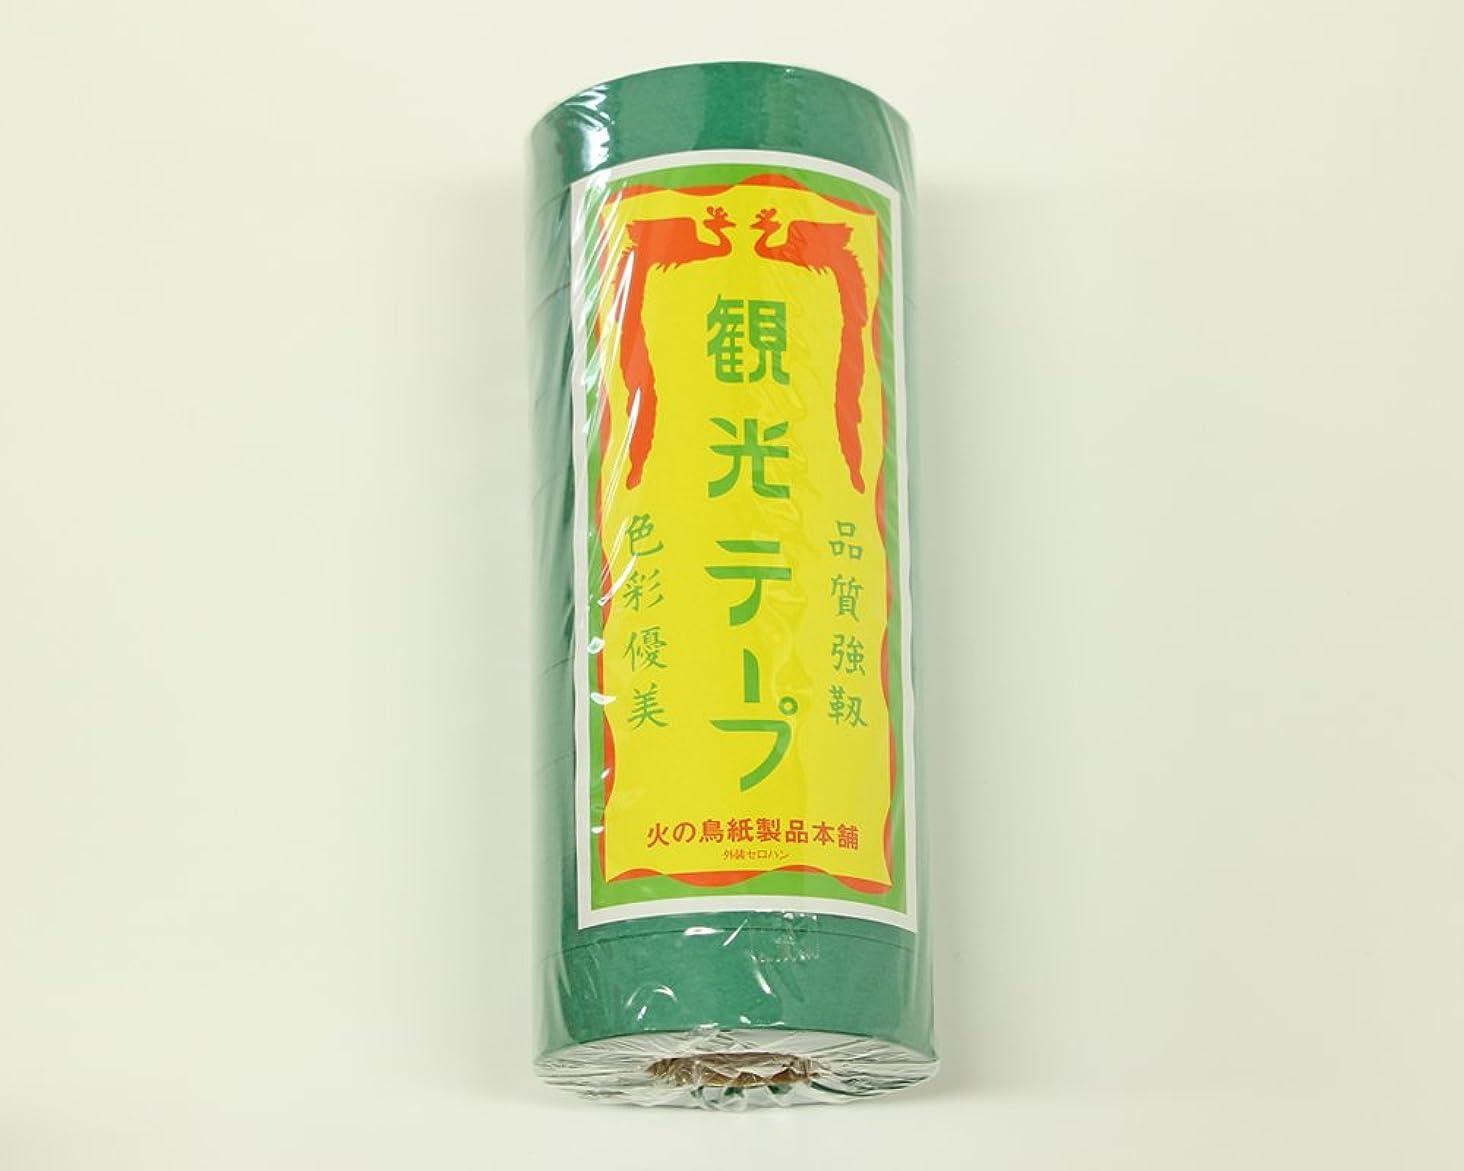 仕様ファウル金銭的火の鳥紙製品本舗 観光テープ(紙テープ) みどり 10巻入